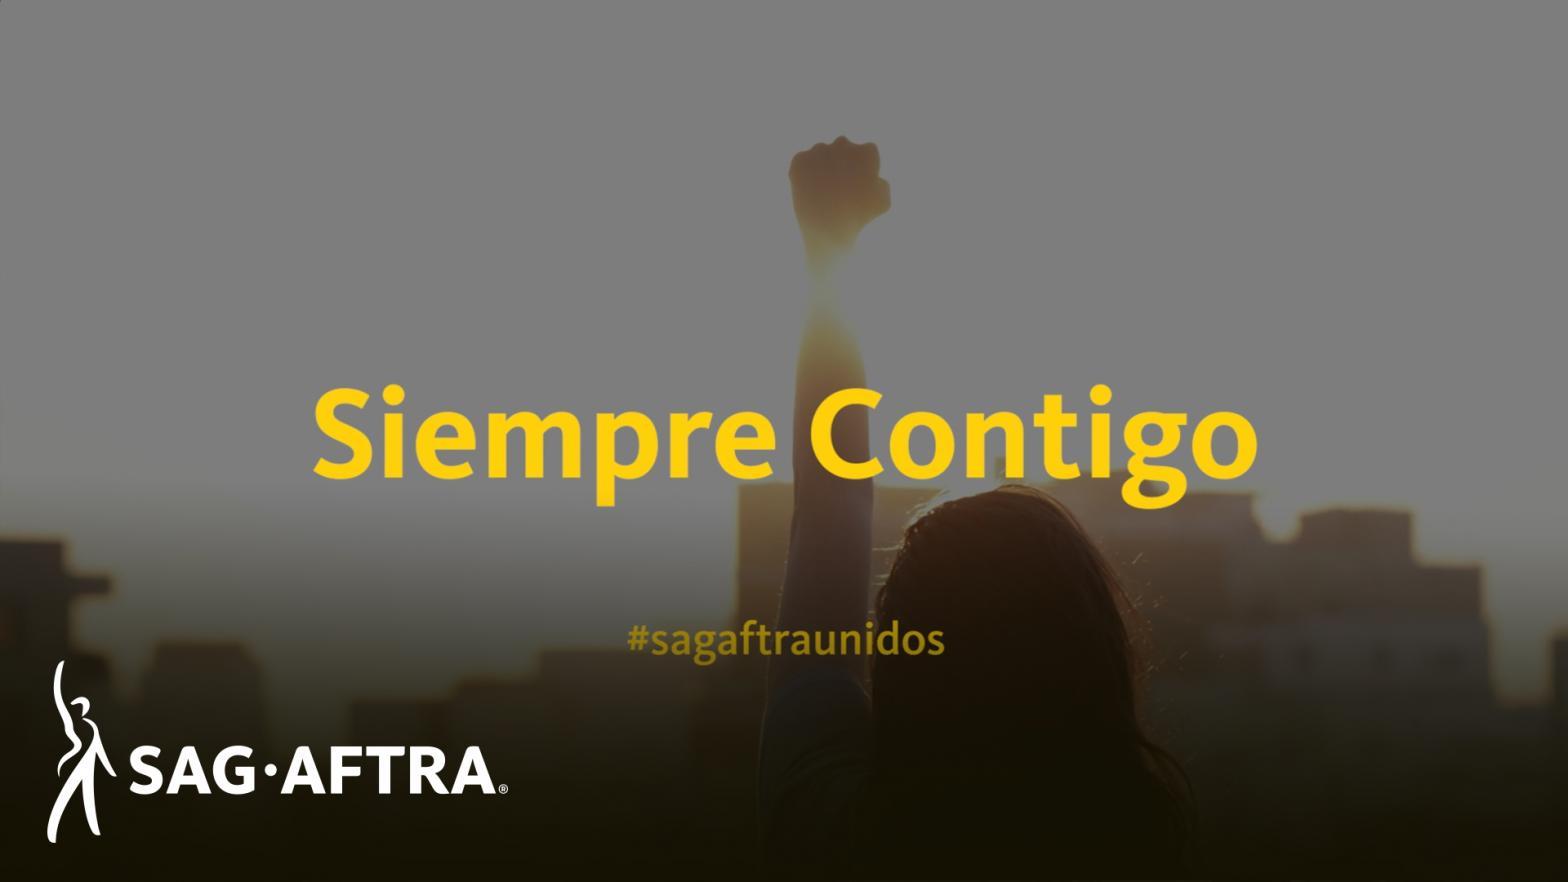 Miniatura del video de Siempre Contigo #sagaftraunidos